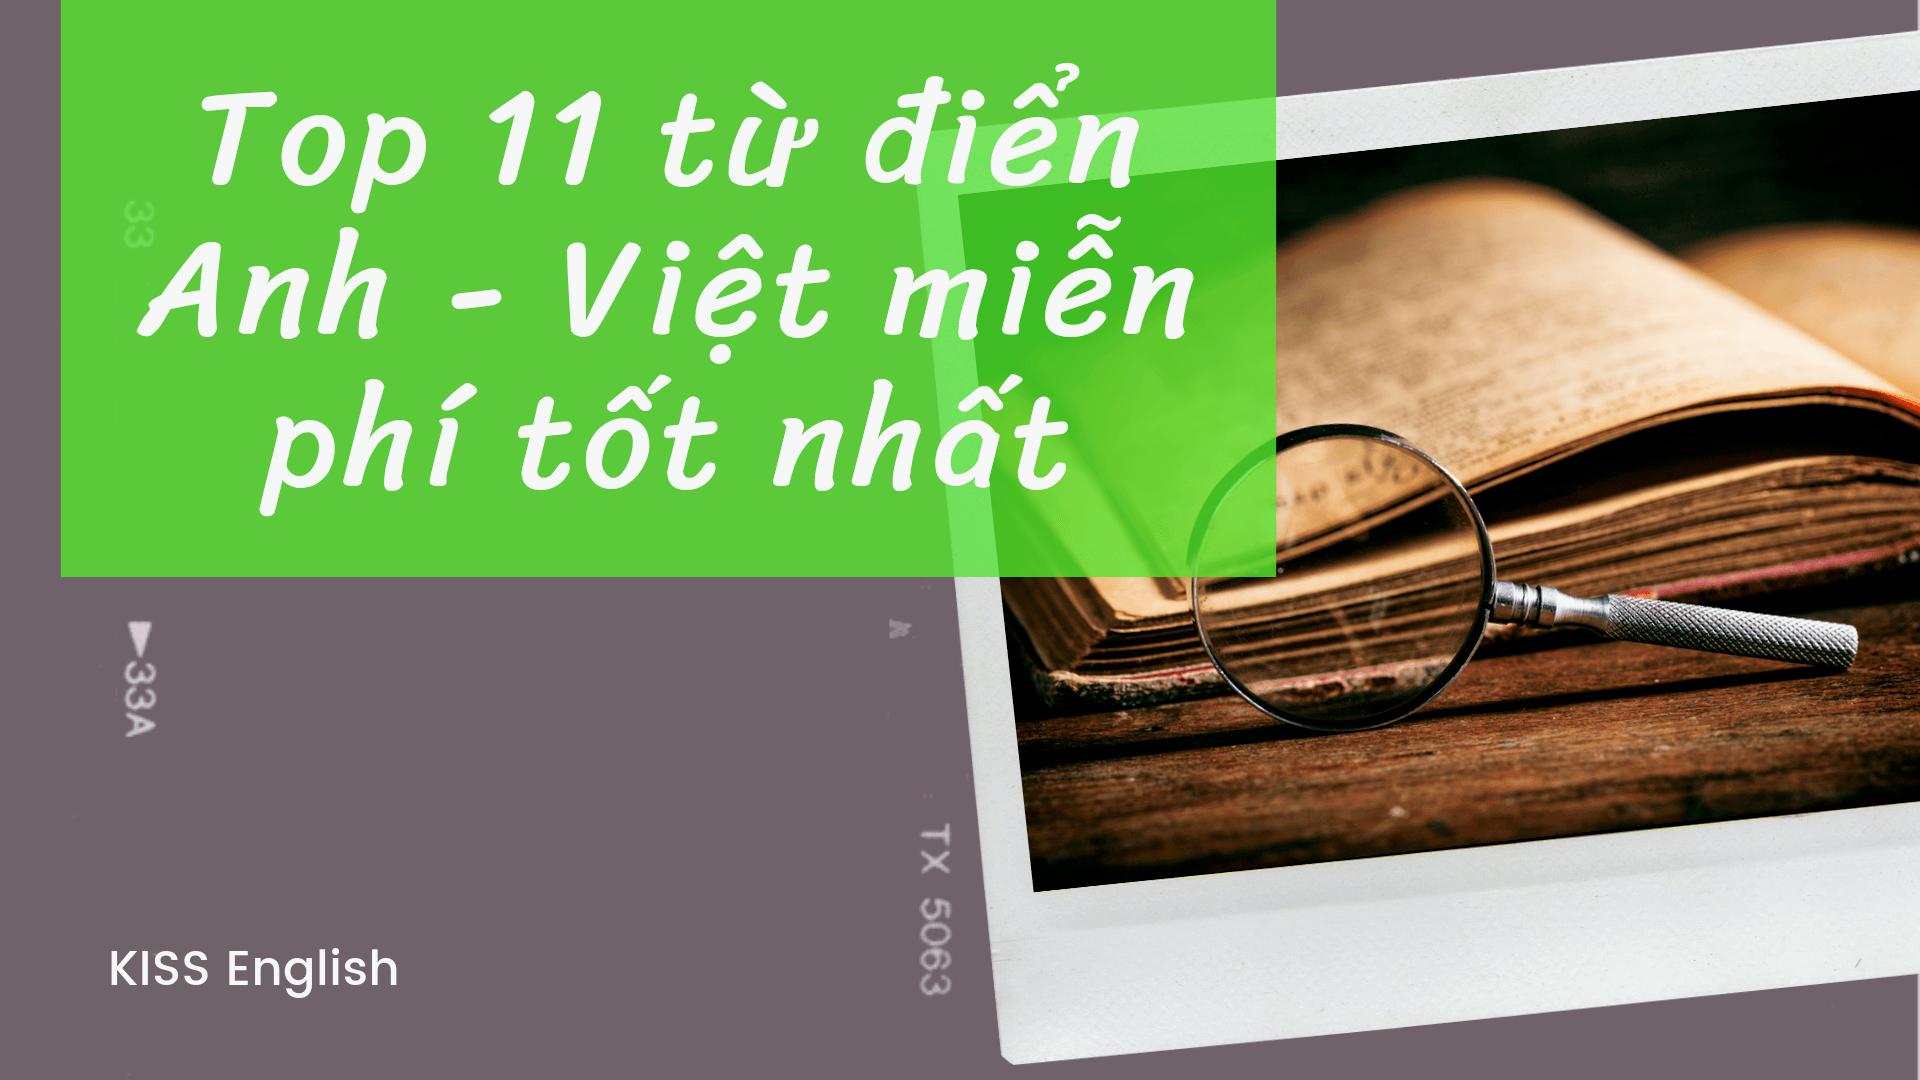 Top 11 từ điển Anh - Việt miễn phí tốt nhất